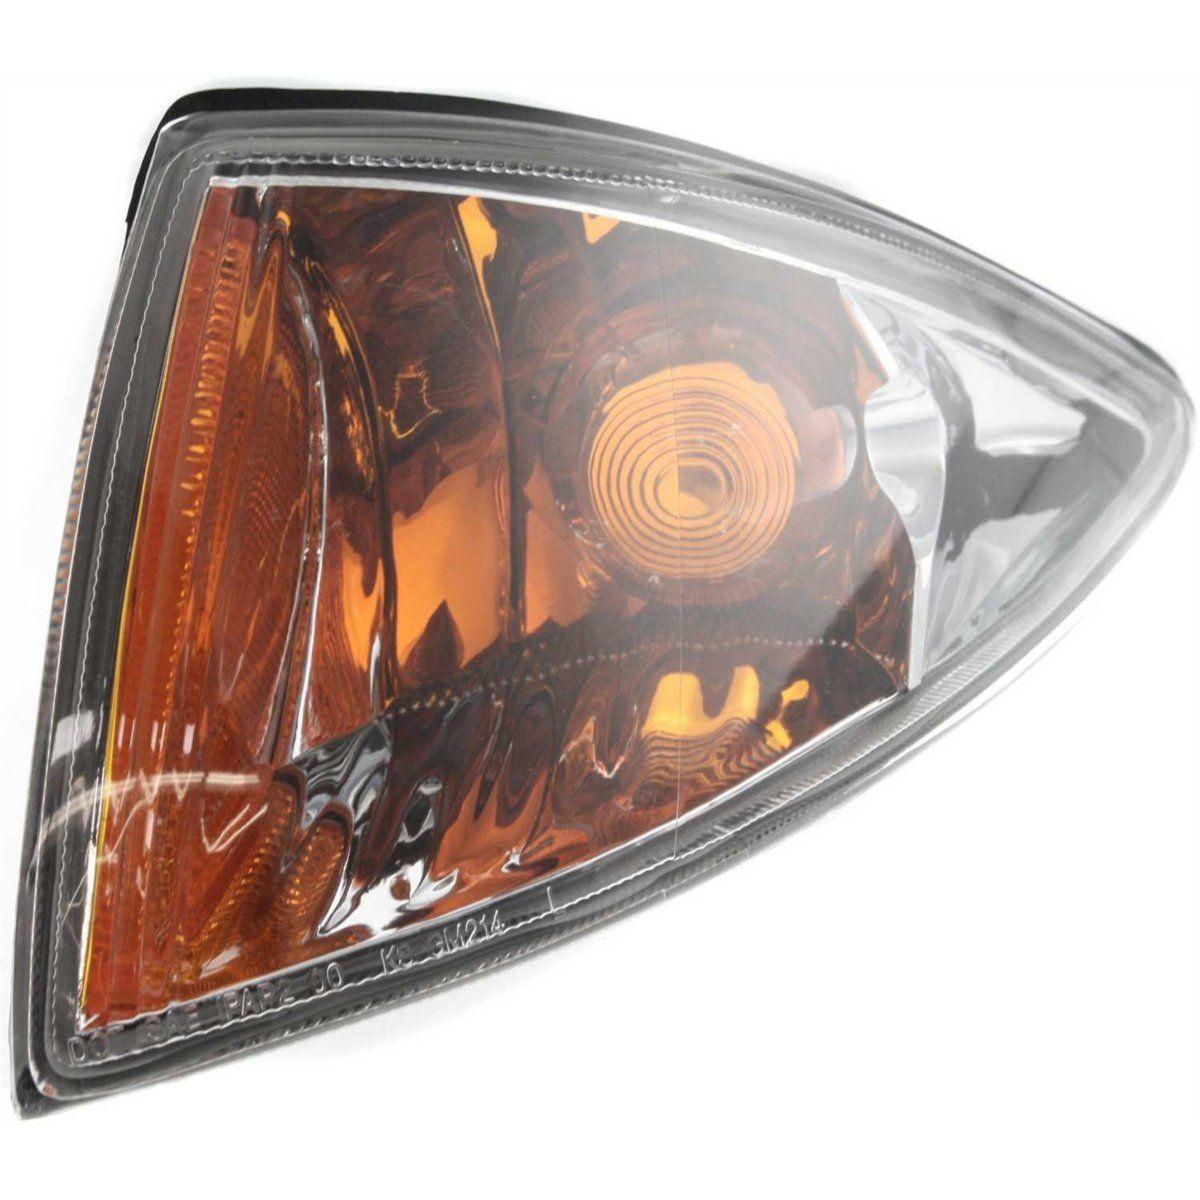 コーナーライト Corner Light For 2000-2003 Chevrolet Cavalier Driver Side Incandescent コーナーライト2000-2003シボレーキャバリアドライバーサイド白熱灯